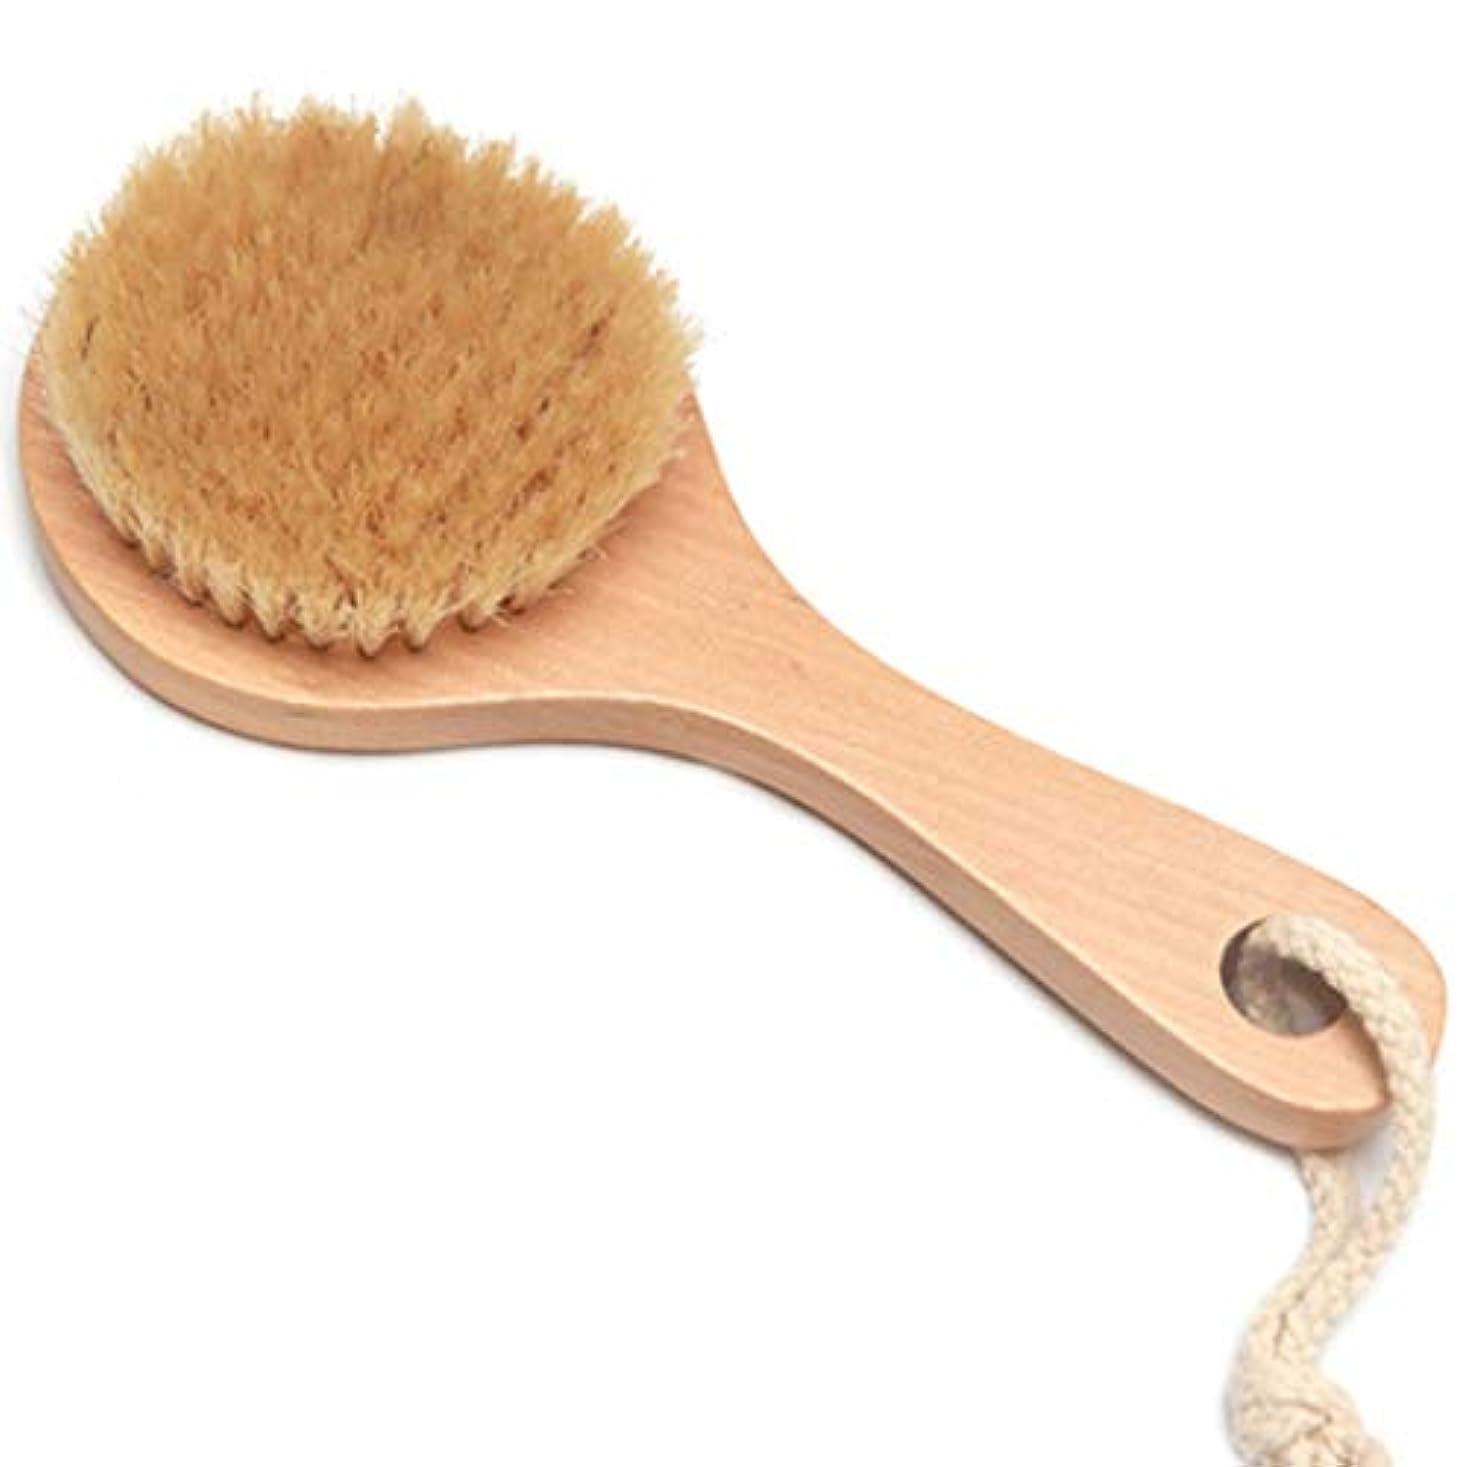 回転する実現可能立法バスブラシバックブラシロングハンドルやわらかい毛髪バスブラシバスブラシ角質除去クリーニングブラシ (Color : Wood color, Size : 20*7.5cm)